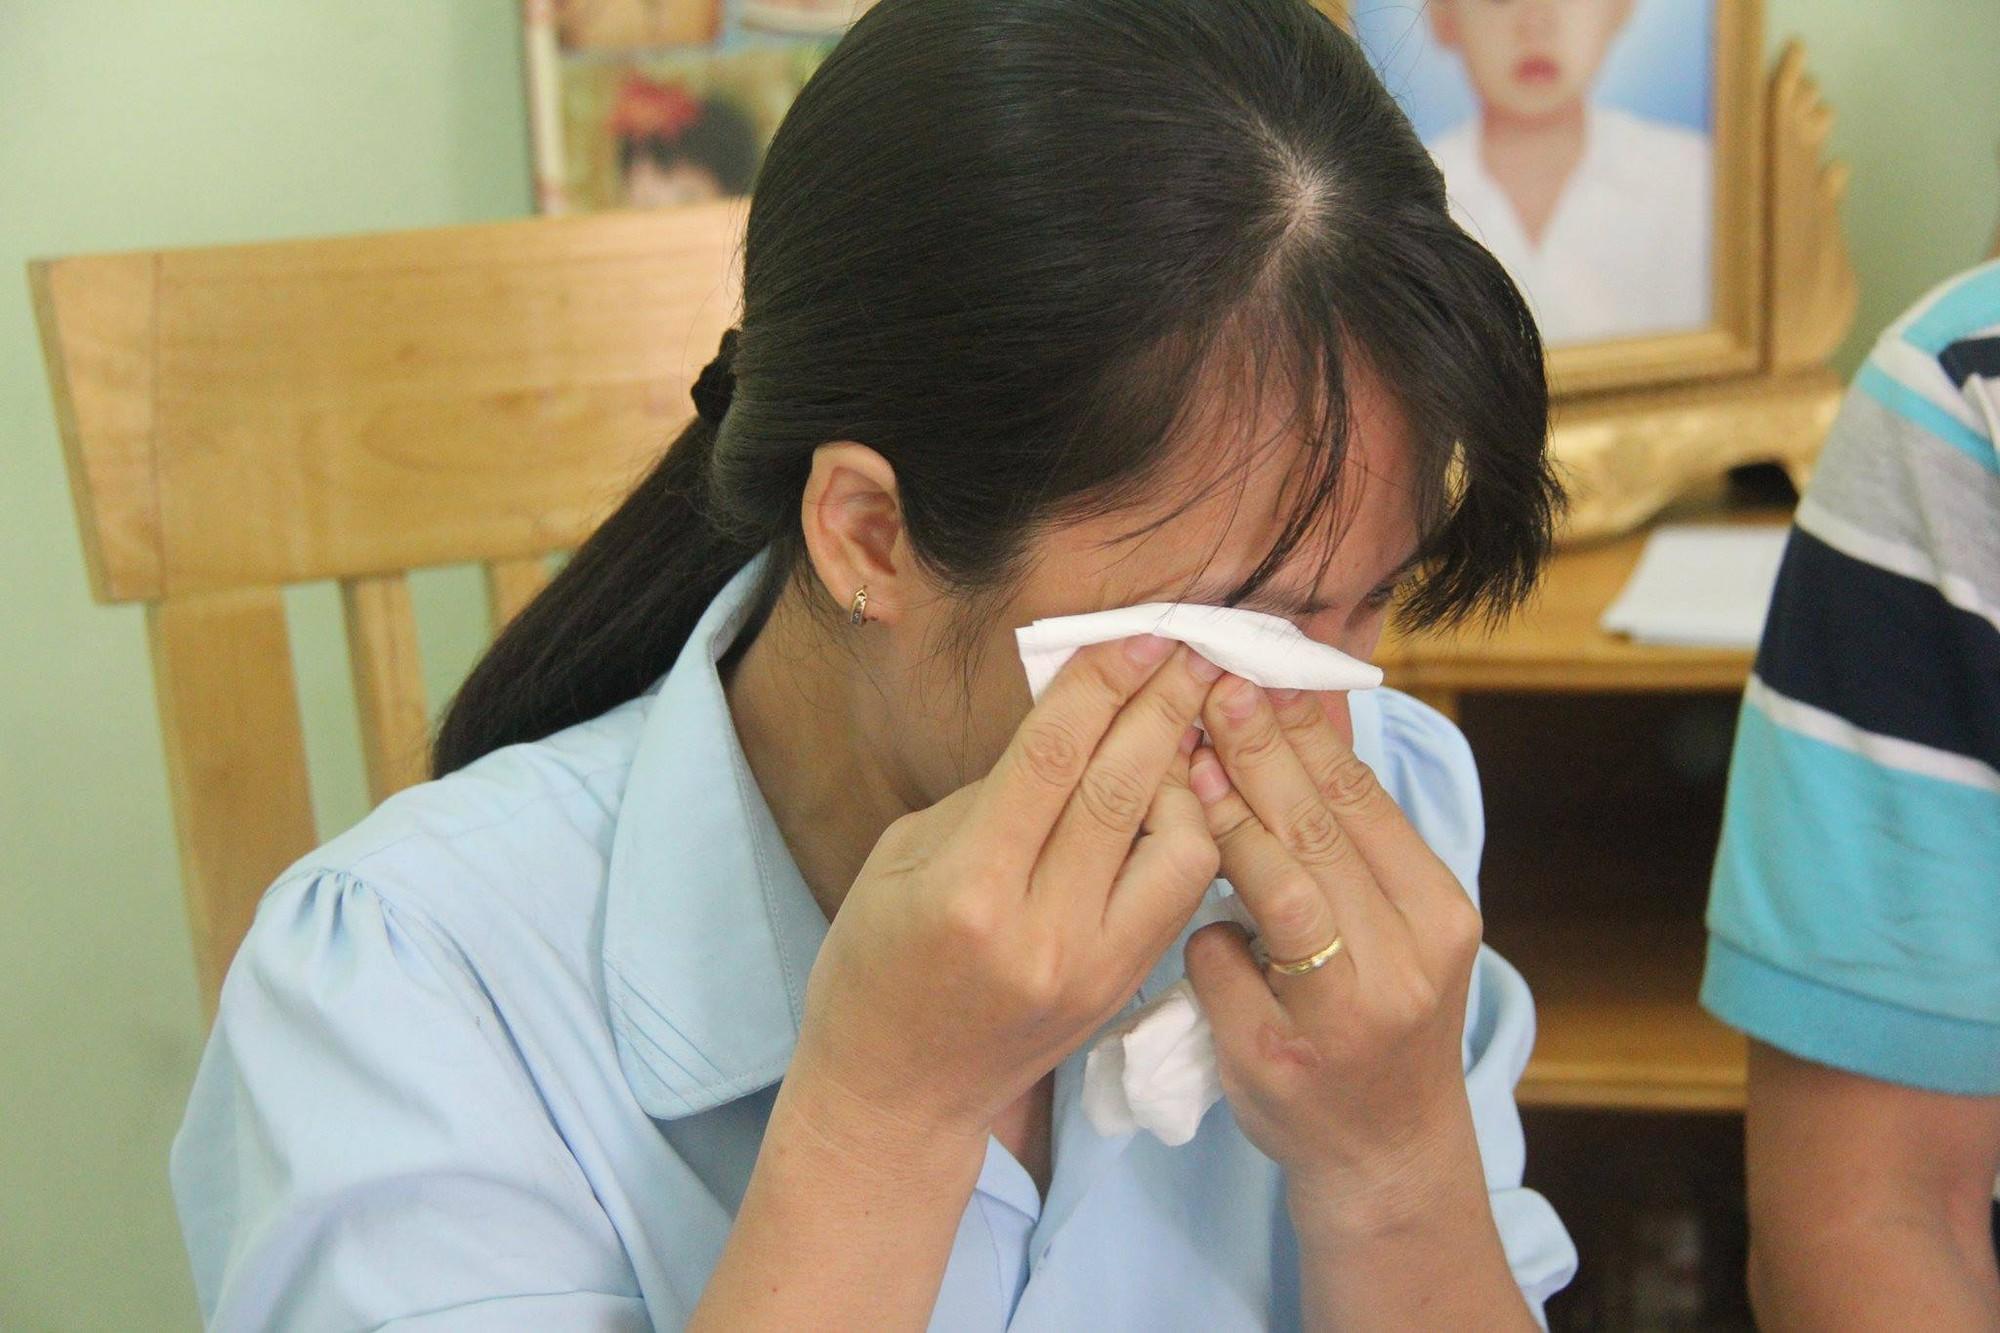 Người mẹ trẻ thương tật 53%, mất 2 đứa con gái sau tai nạn: Mỗi ngày tôi bới 4 chén cơm nhưng không thấy con đâu - Ảnh 4.